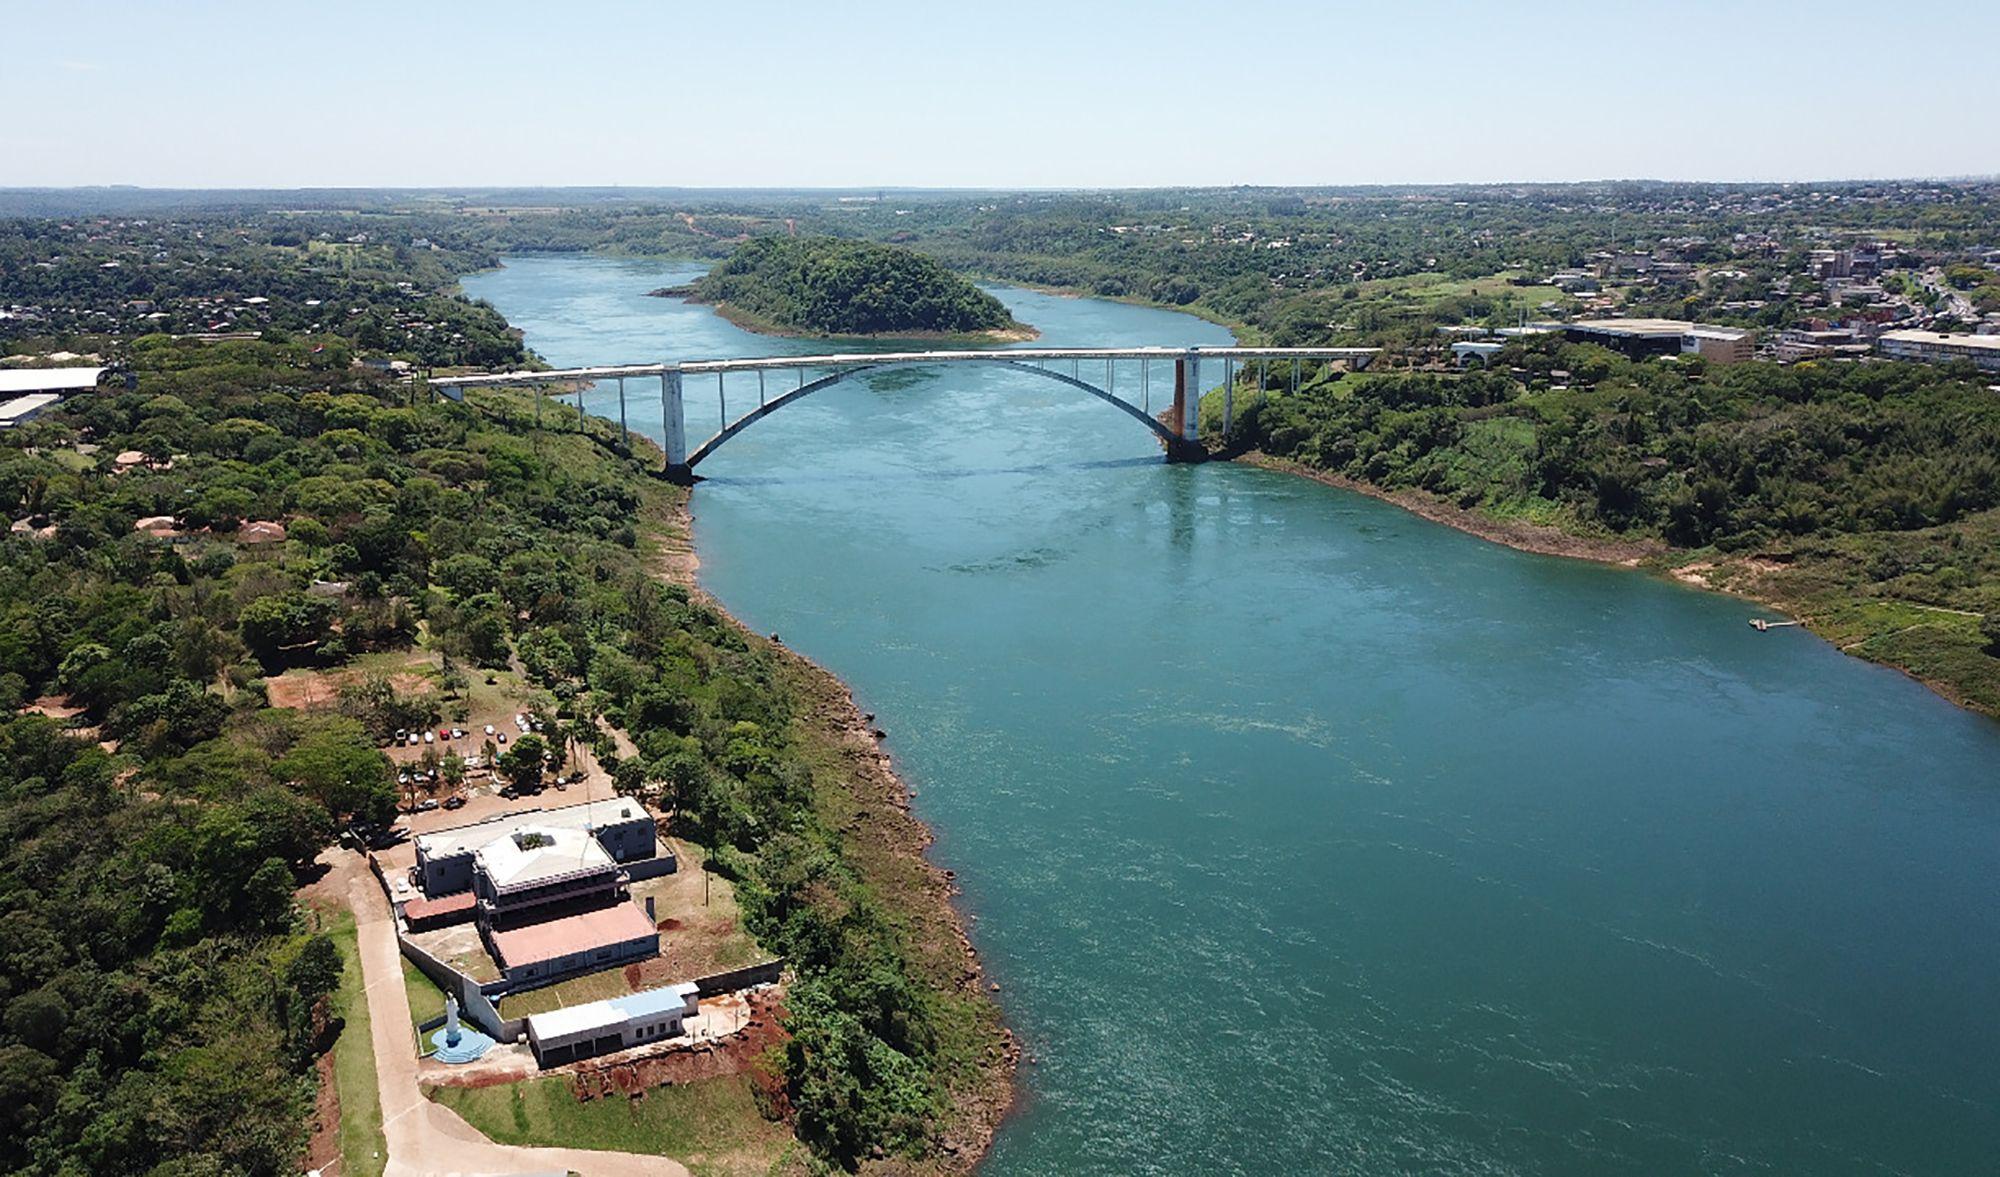 hidroelectrica de itaipu resiente los efectos de la sequia